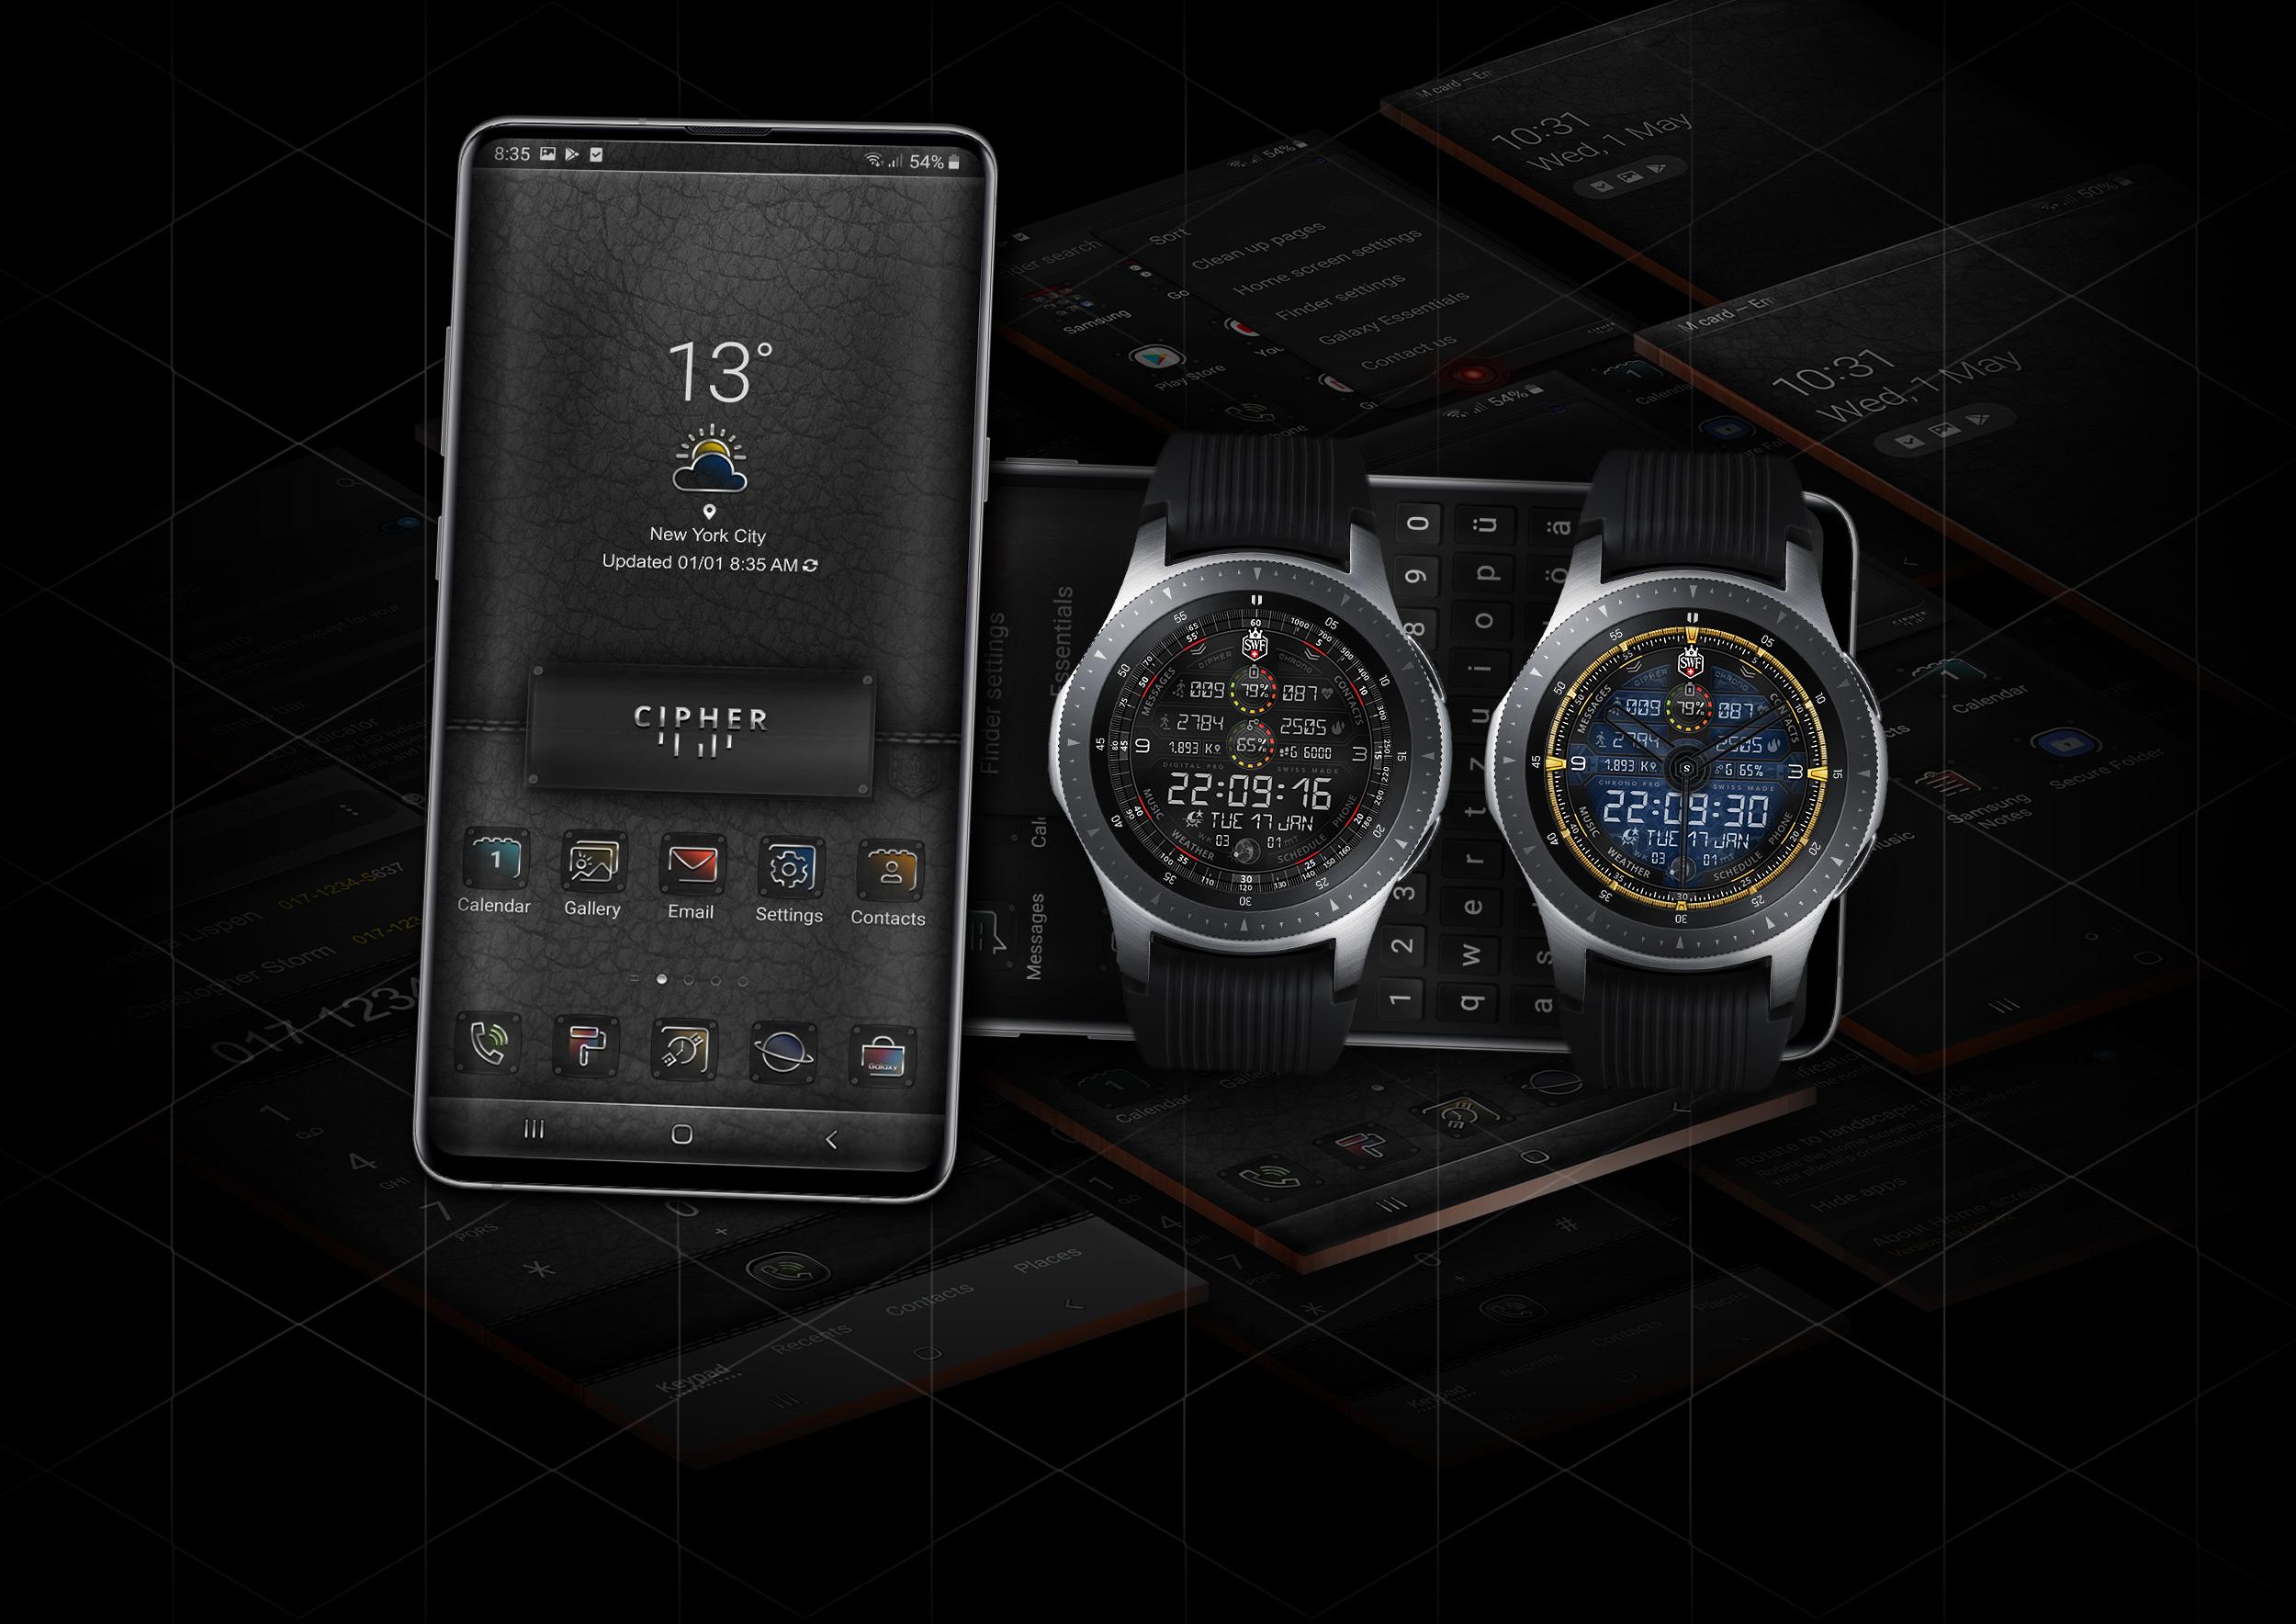 Home - Watch Face | SWF Swiss Watch Face